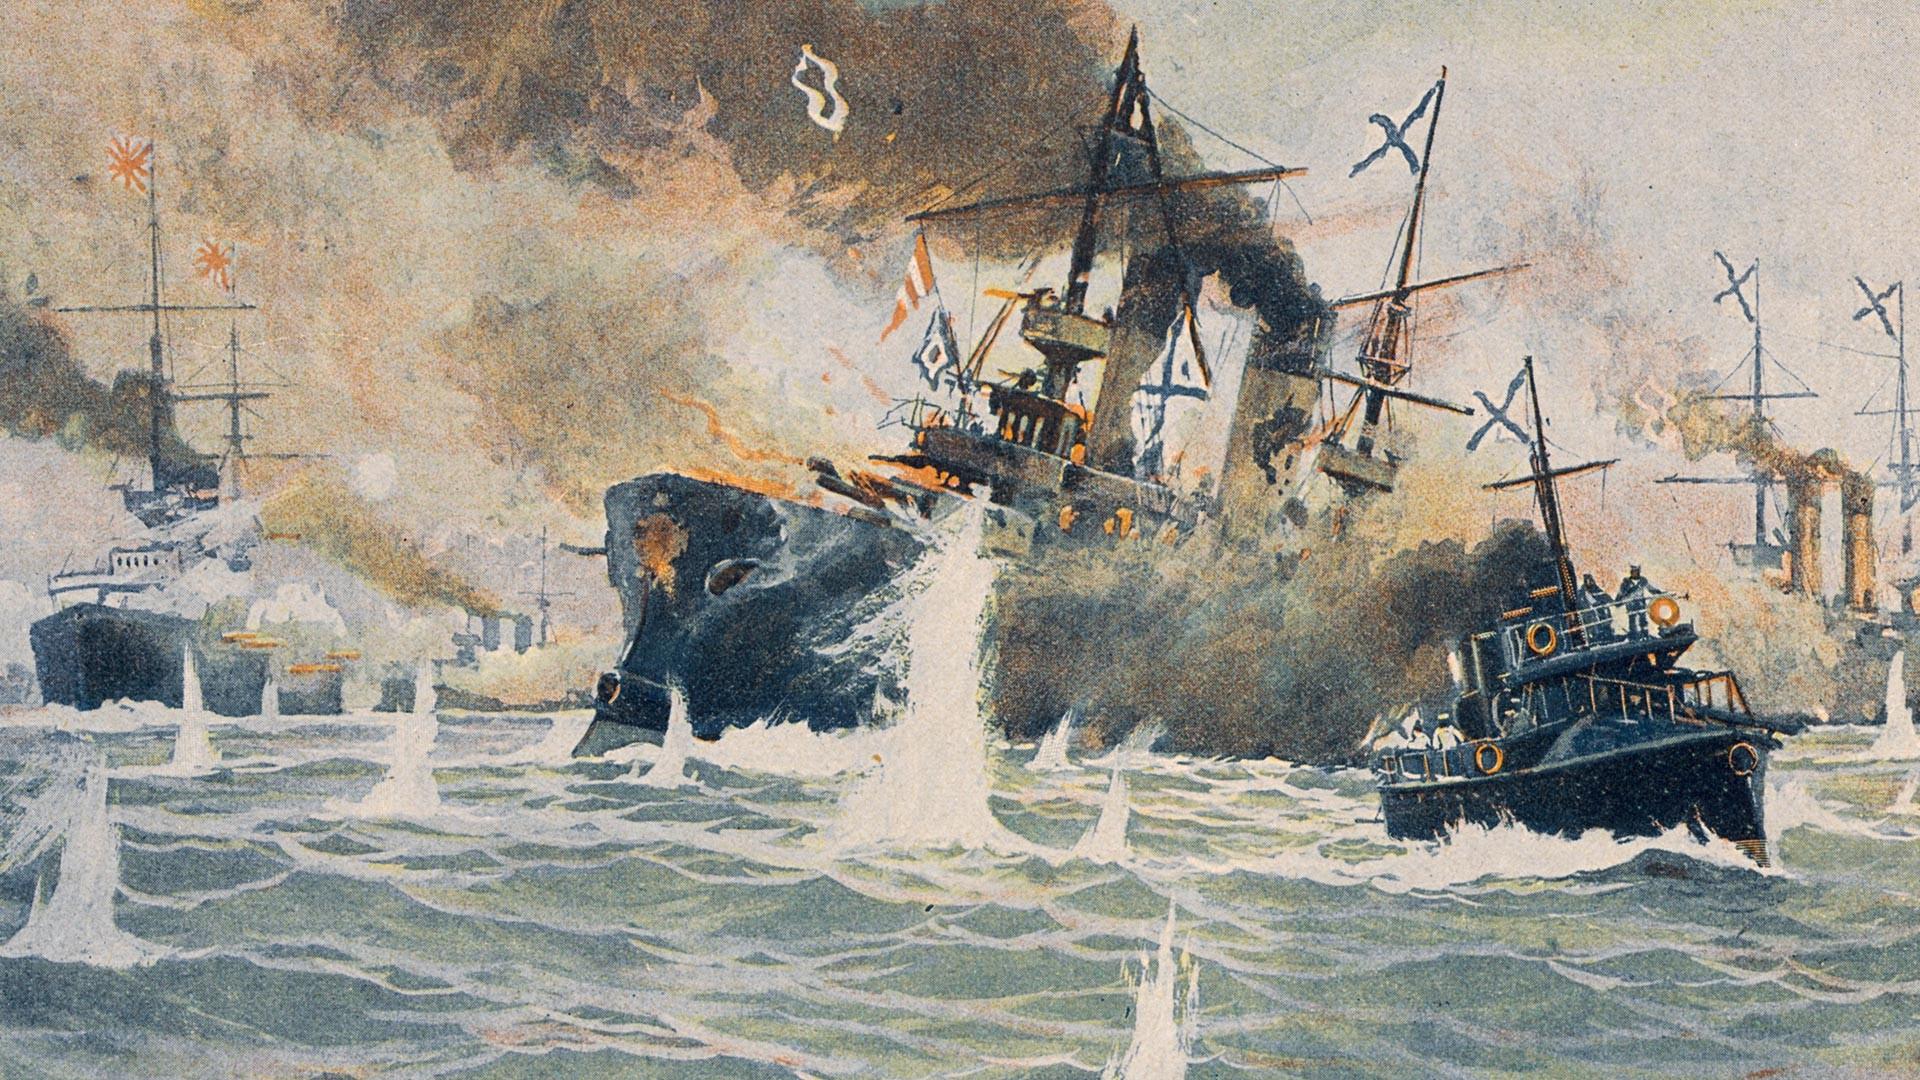 Batalha do Estreito de Tsushima